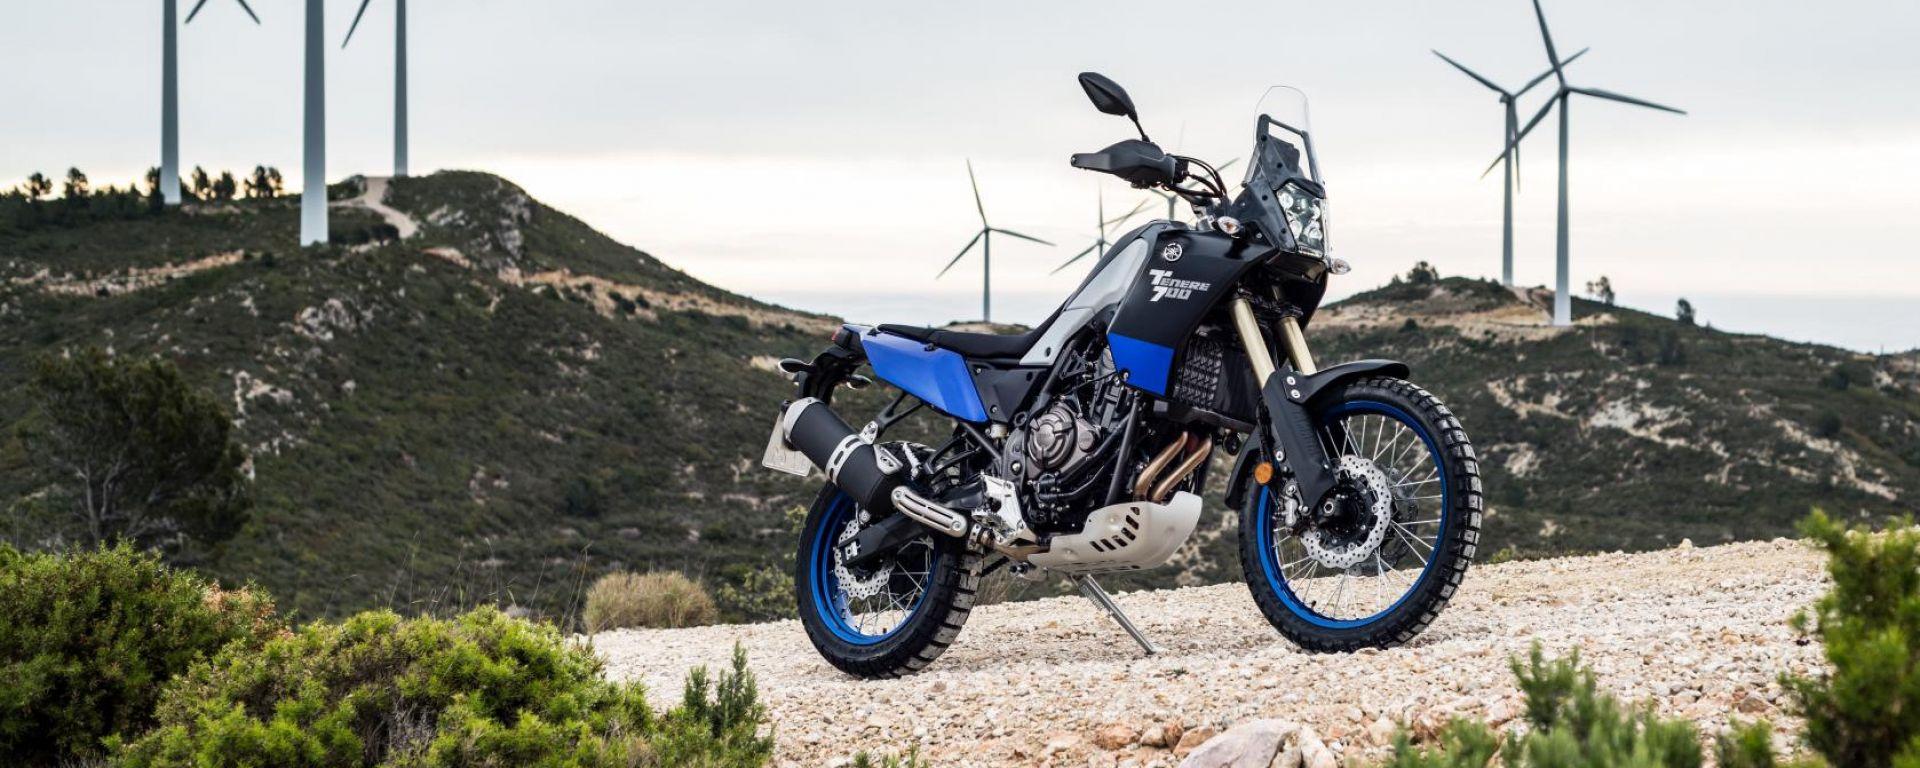 Yamaha Ténéré 700: liberi di andare ovunque